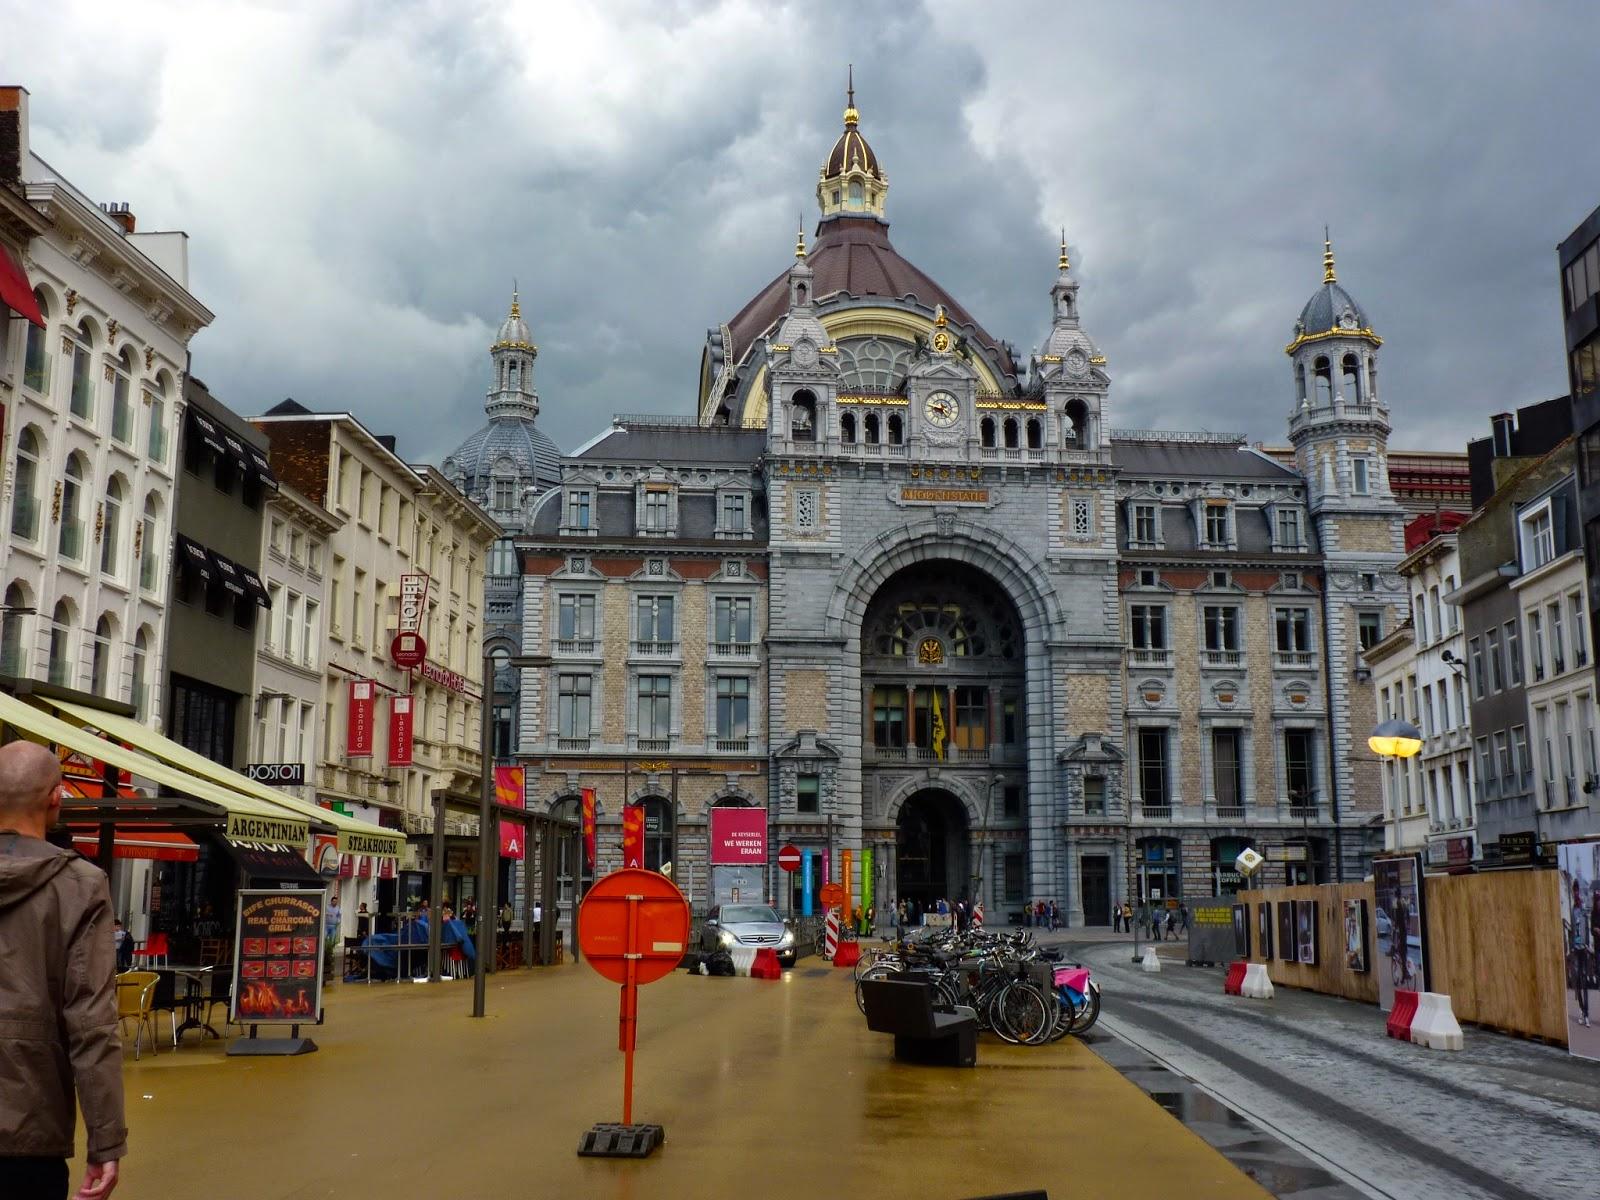 Akiba Por Viajar Amberes O Antwerpen Norte De Belgica La Ciudad De Rubens